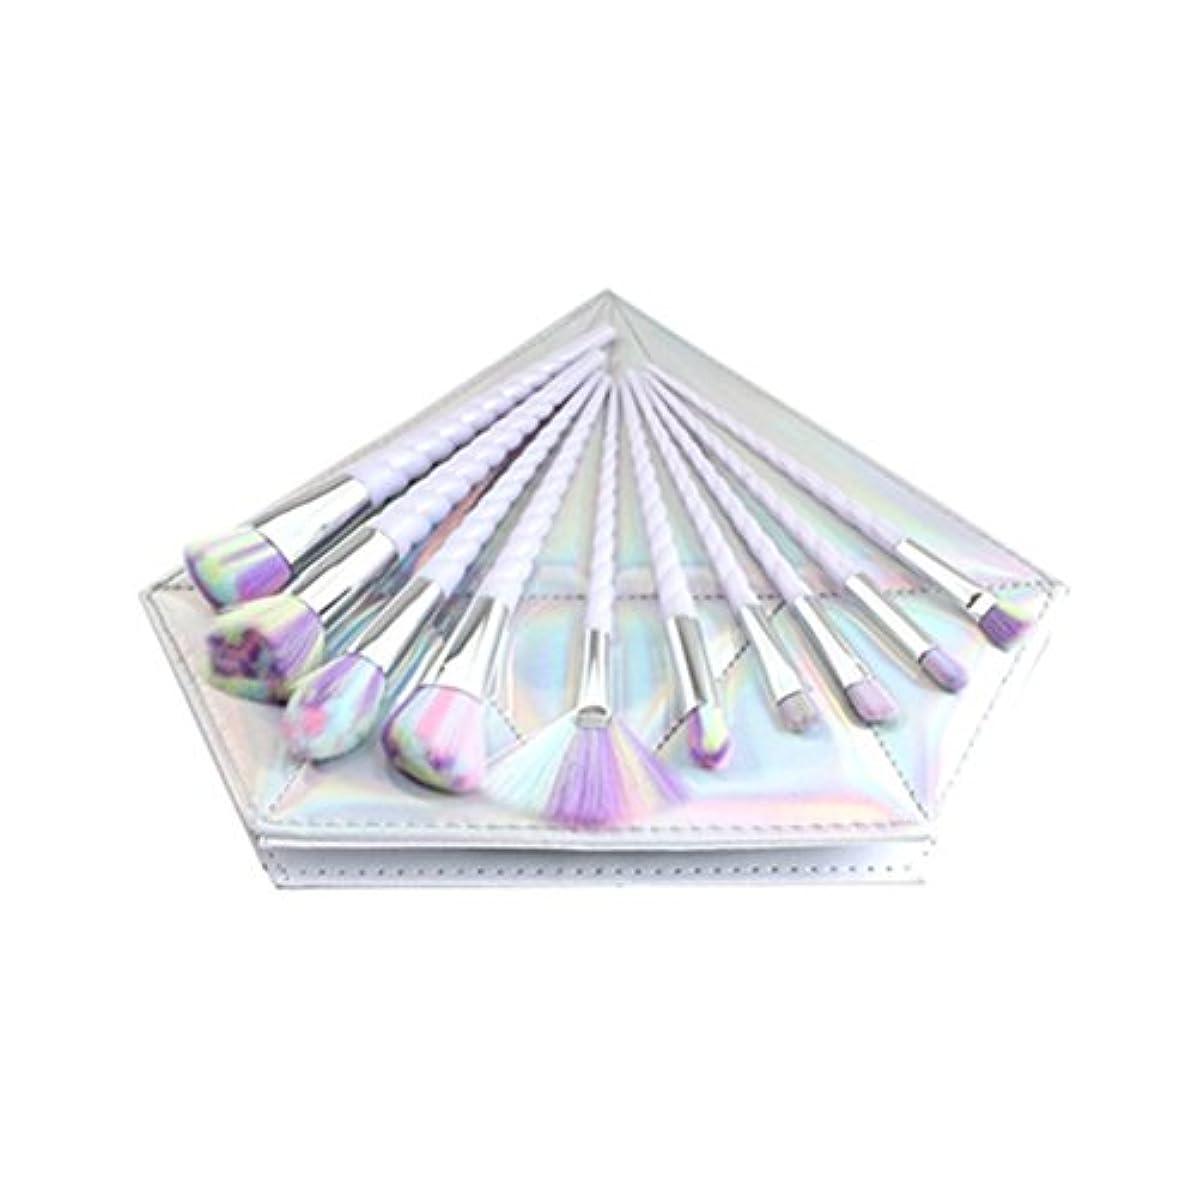 リンク与える下線Dilla Beauty 10本セットユニコーンデザインプラスチックハンドル形状メイクブラシセット合成毛ファンデーションブラシアイシャドーブラッシャー美容ツール美しい化粧品のバッグを送る (白いハンドル - 多色の毛)